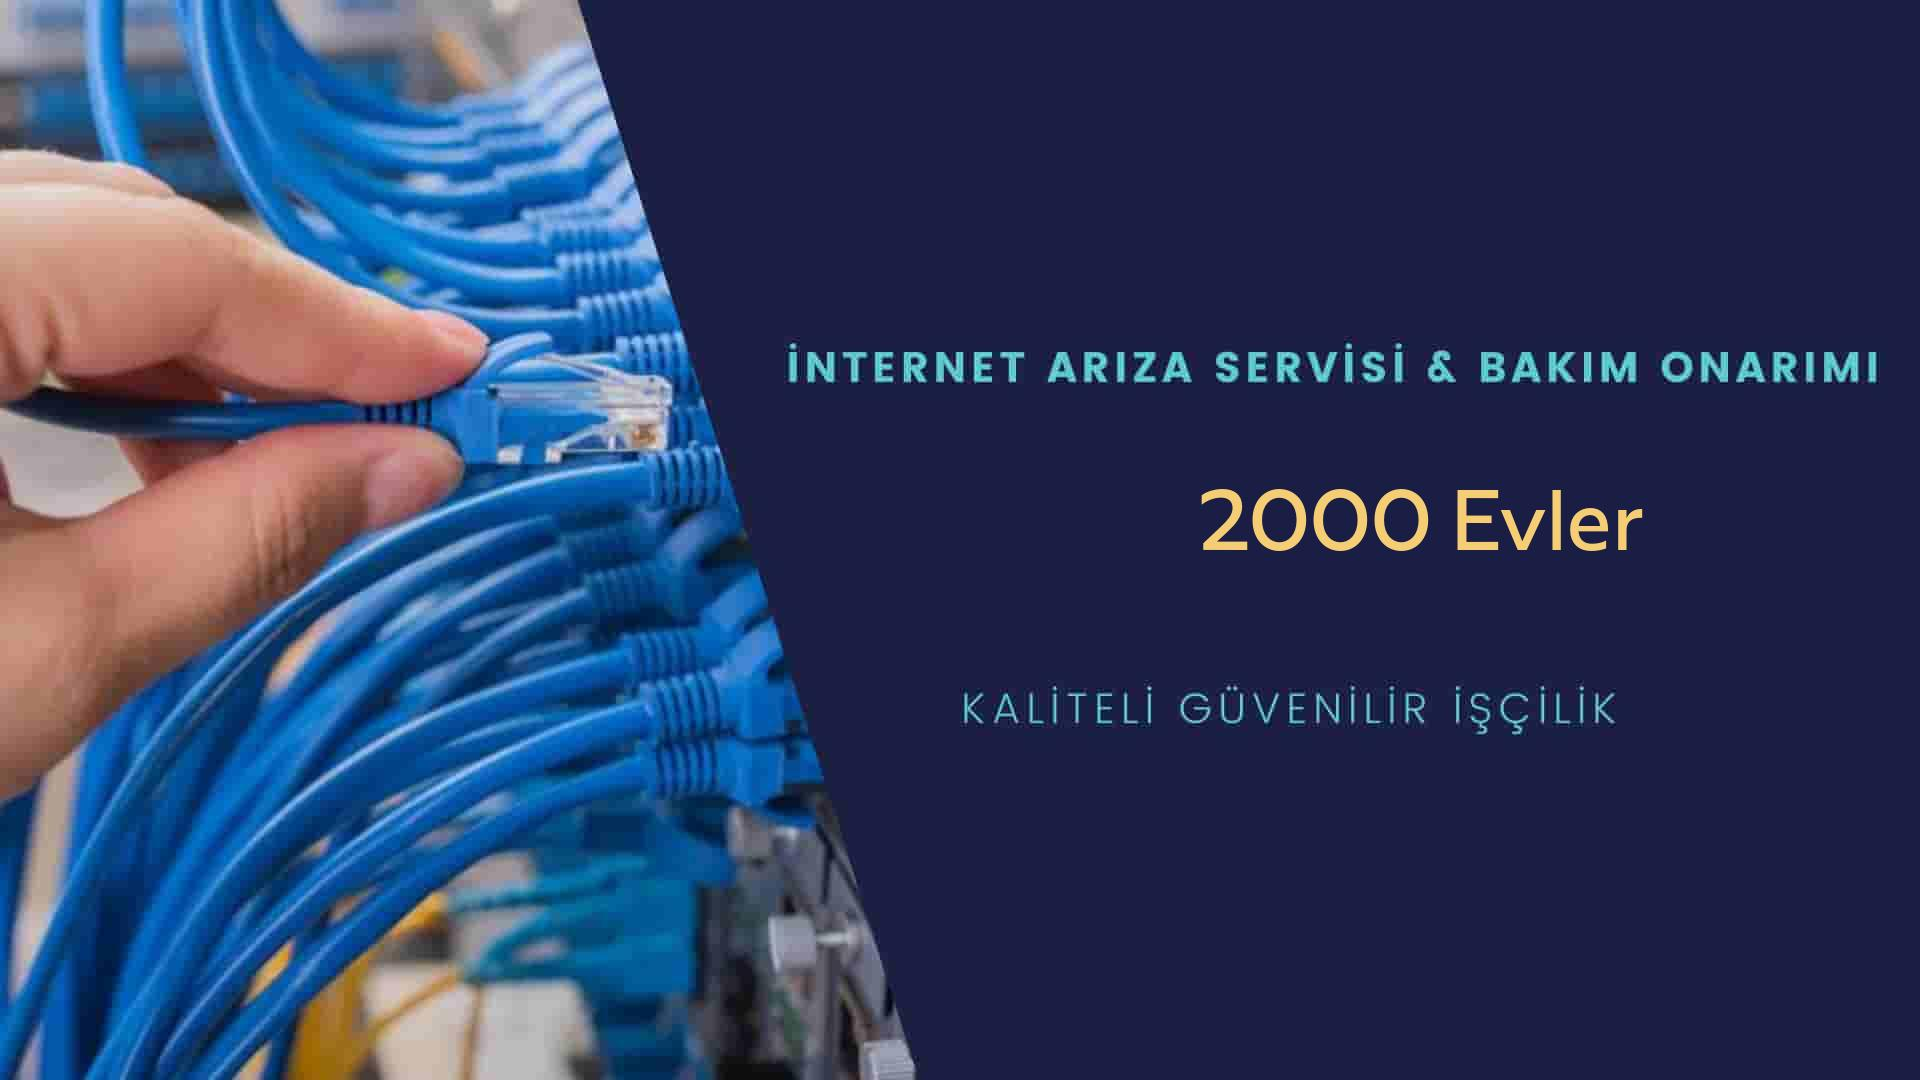 2000 Evler internet kablosu çekimi yapan yerler veya elektrikçiler mi? arıyorsunuz doğru yerdesiniz o zaman sizlere 7/24 yardımcı olacak profesyonel ustalarımız bir telefon kadar yakındır size.